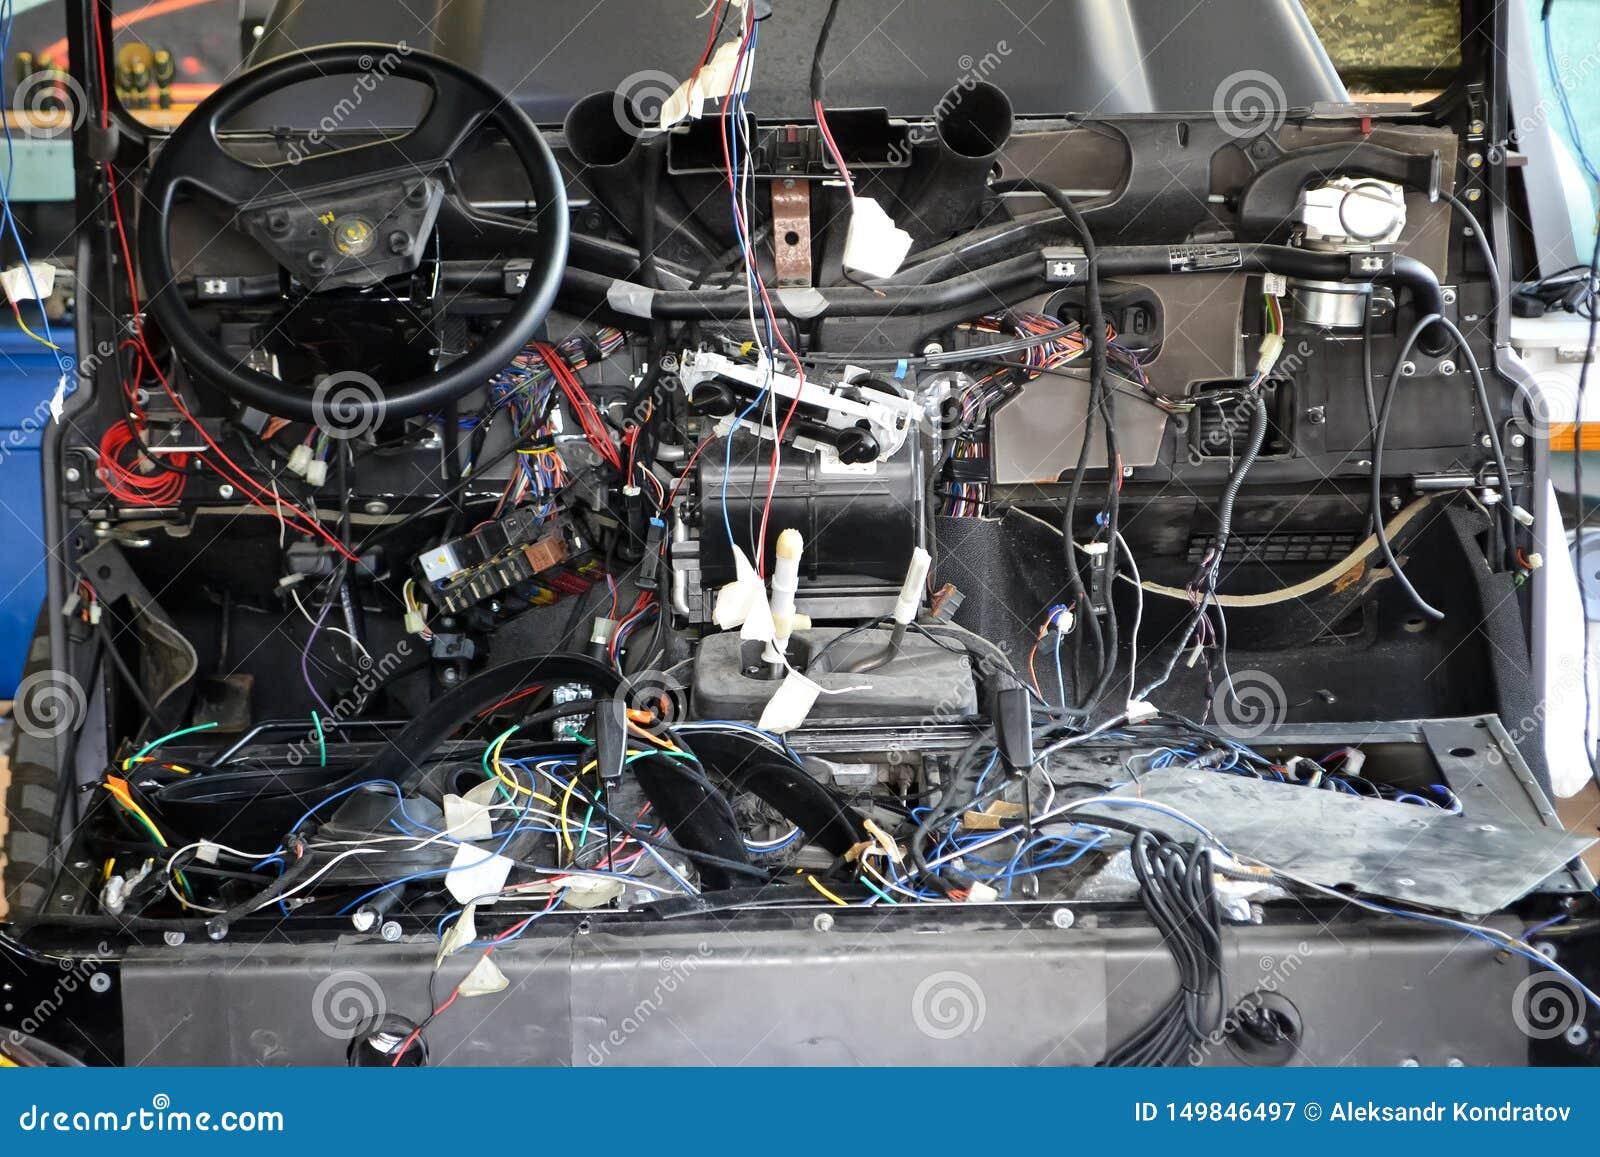 Muito embaraçar fios coloridos da fiação do carro encontra-se na cabine do carro desmontado com conectores e tomadas, uma vista